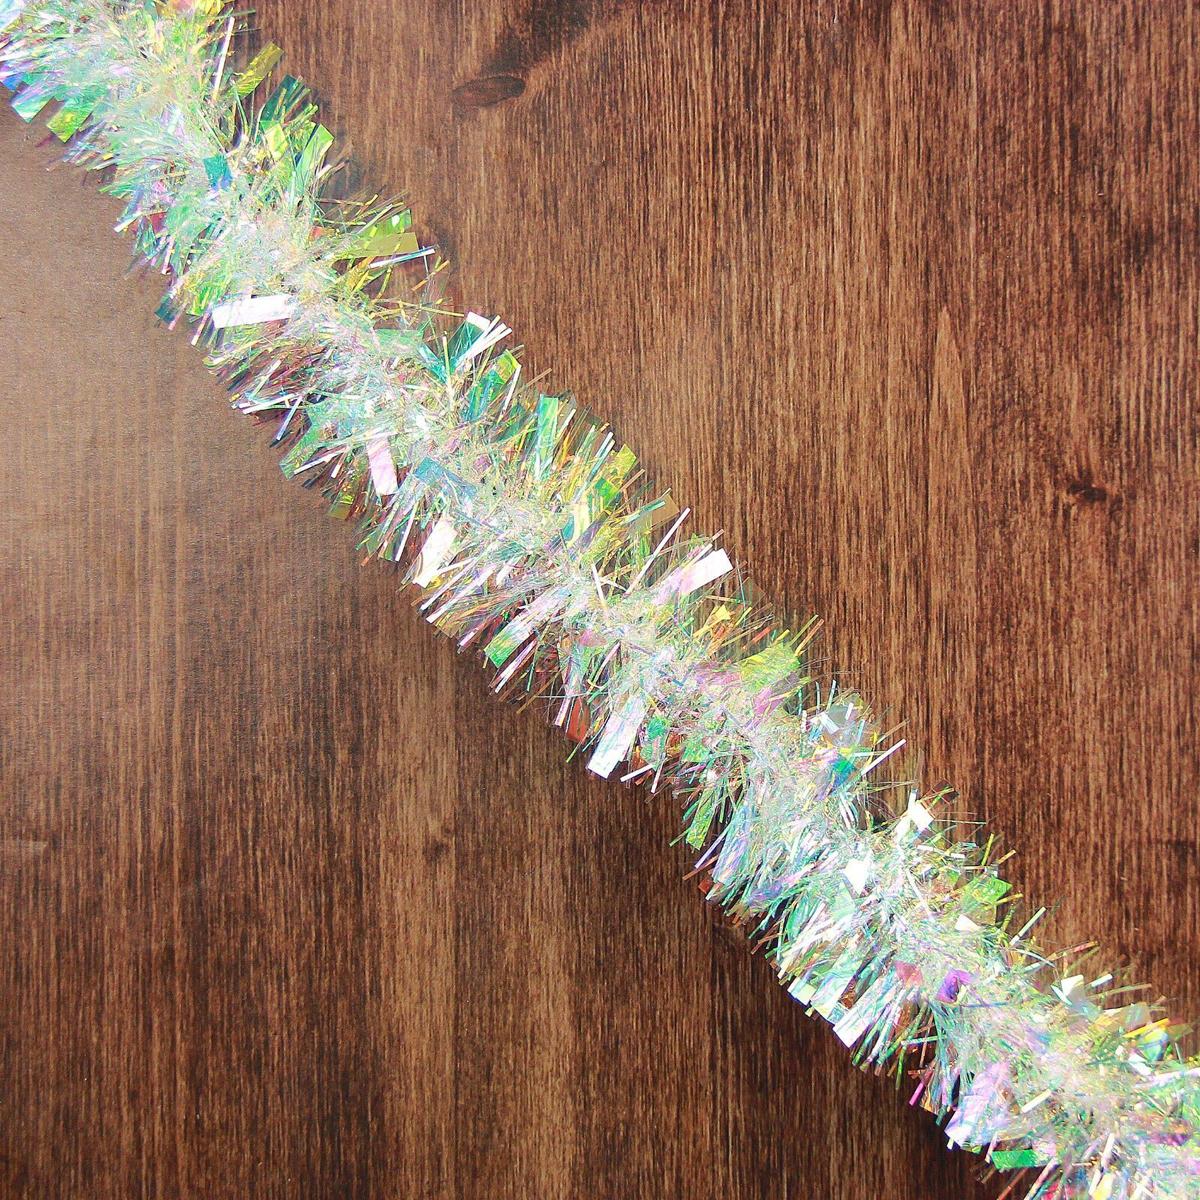 Мишура новогодняя Перламутровые блики, диаметр 6,5 см, длина 200 см2363869Новогодняя мишура, выполненная из ПВХ, поможет вам украсить свой дом к предстоящим праздникам. Новогодняя елка с таким украшением станет еще наряднее. Новогодней мишурой можно украсить все, что угодно - елку, квартиру, дачу, офис - как внутри, так и снаружи. Можно сложить новогодние поздравления, буквы и цифры, мишурой можно украсить и дополнить гирлянды, можно выделить дверные колонны, оплести дверные проемы.